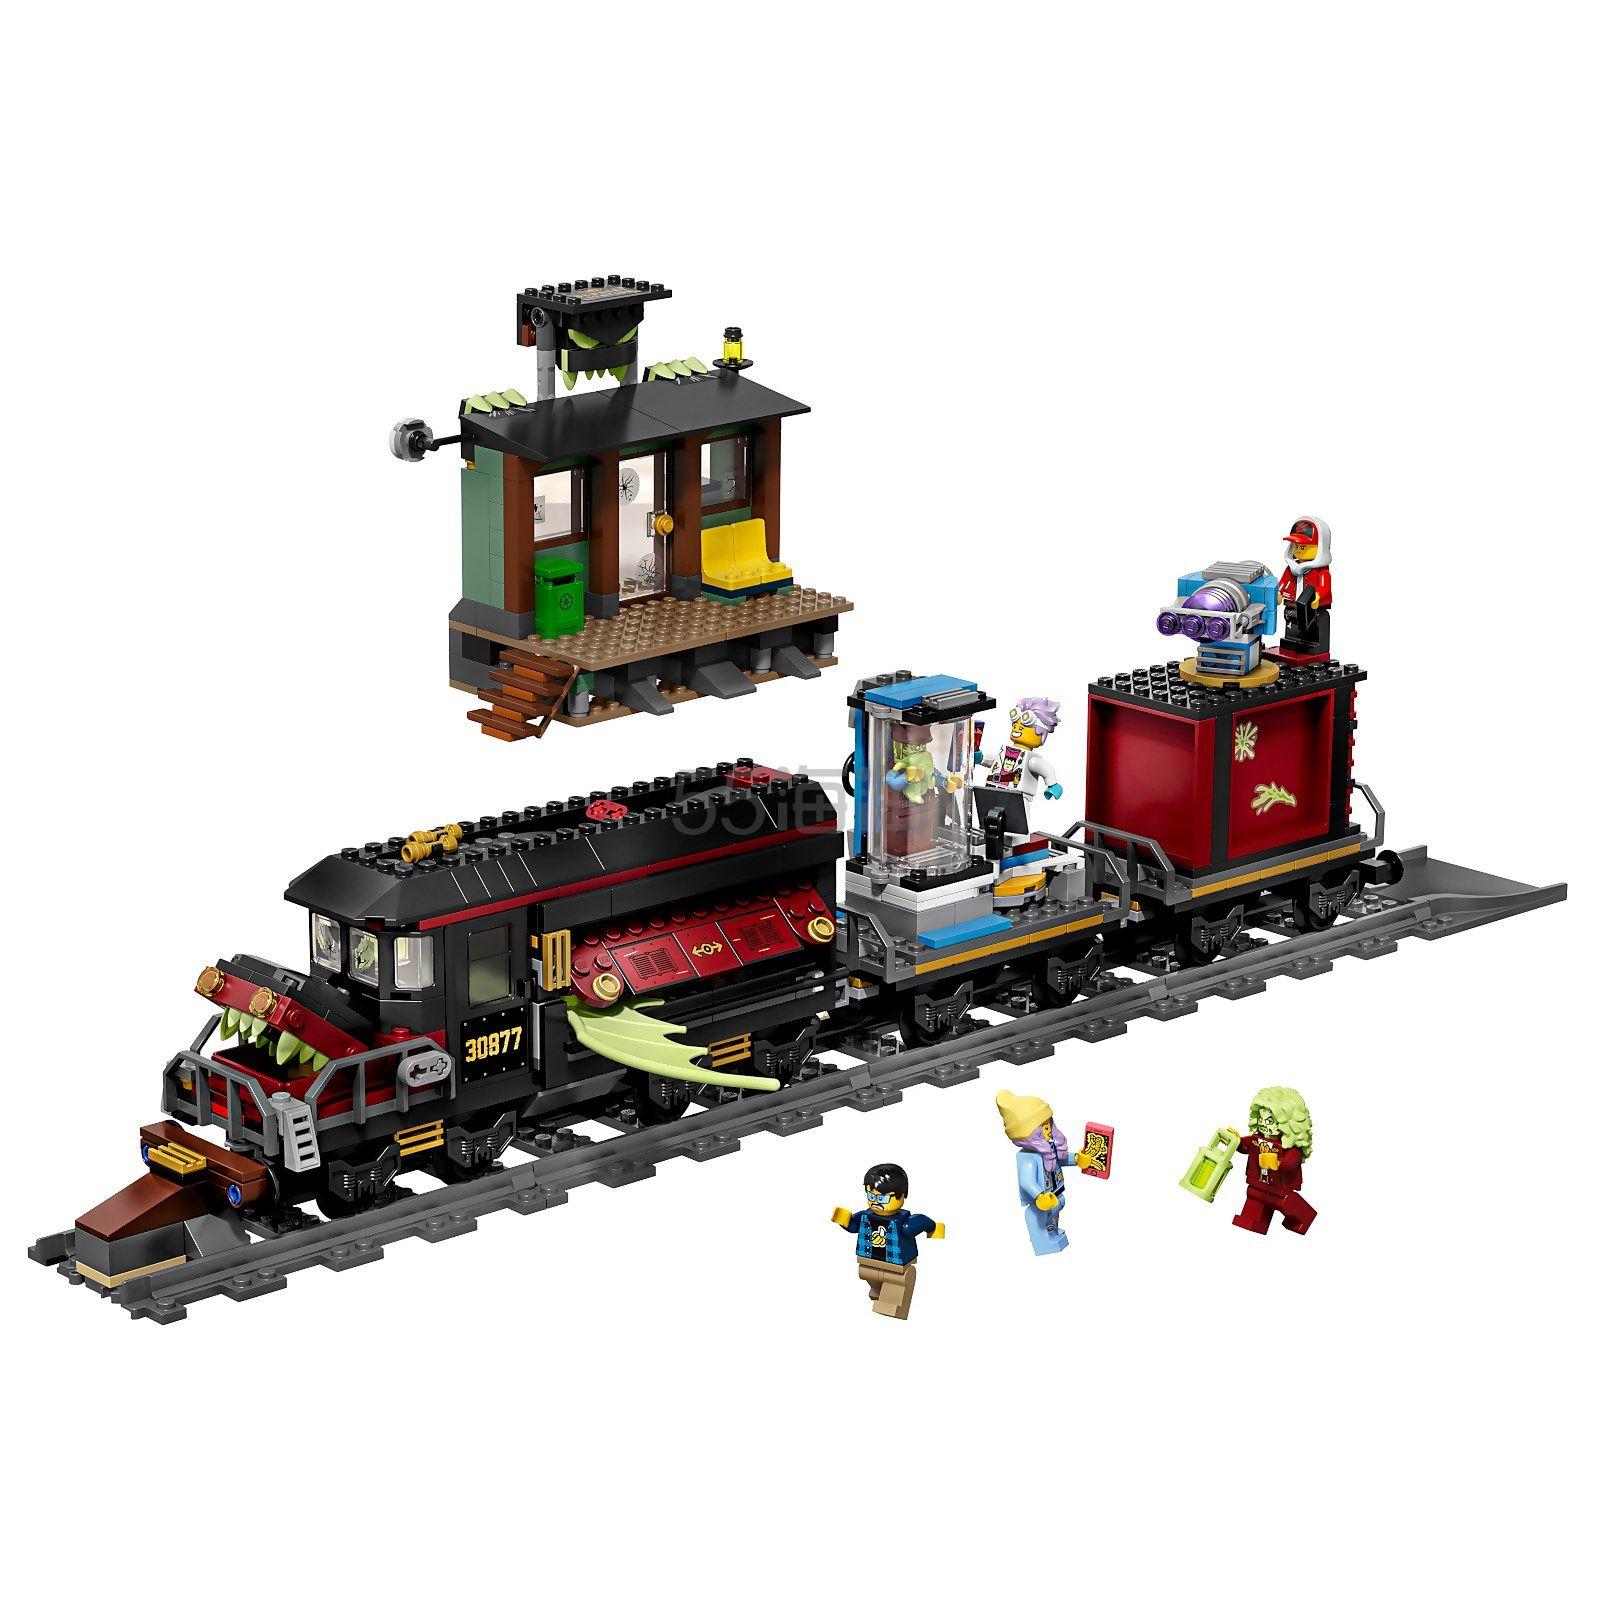 8折!LEGO 乐高 Hidden Side 系列列车 £69.99(约491元) - 海淘优惠海淘折扣|55海淘网